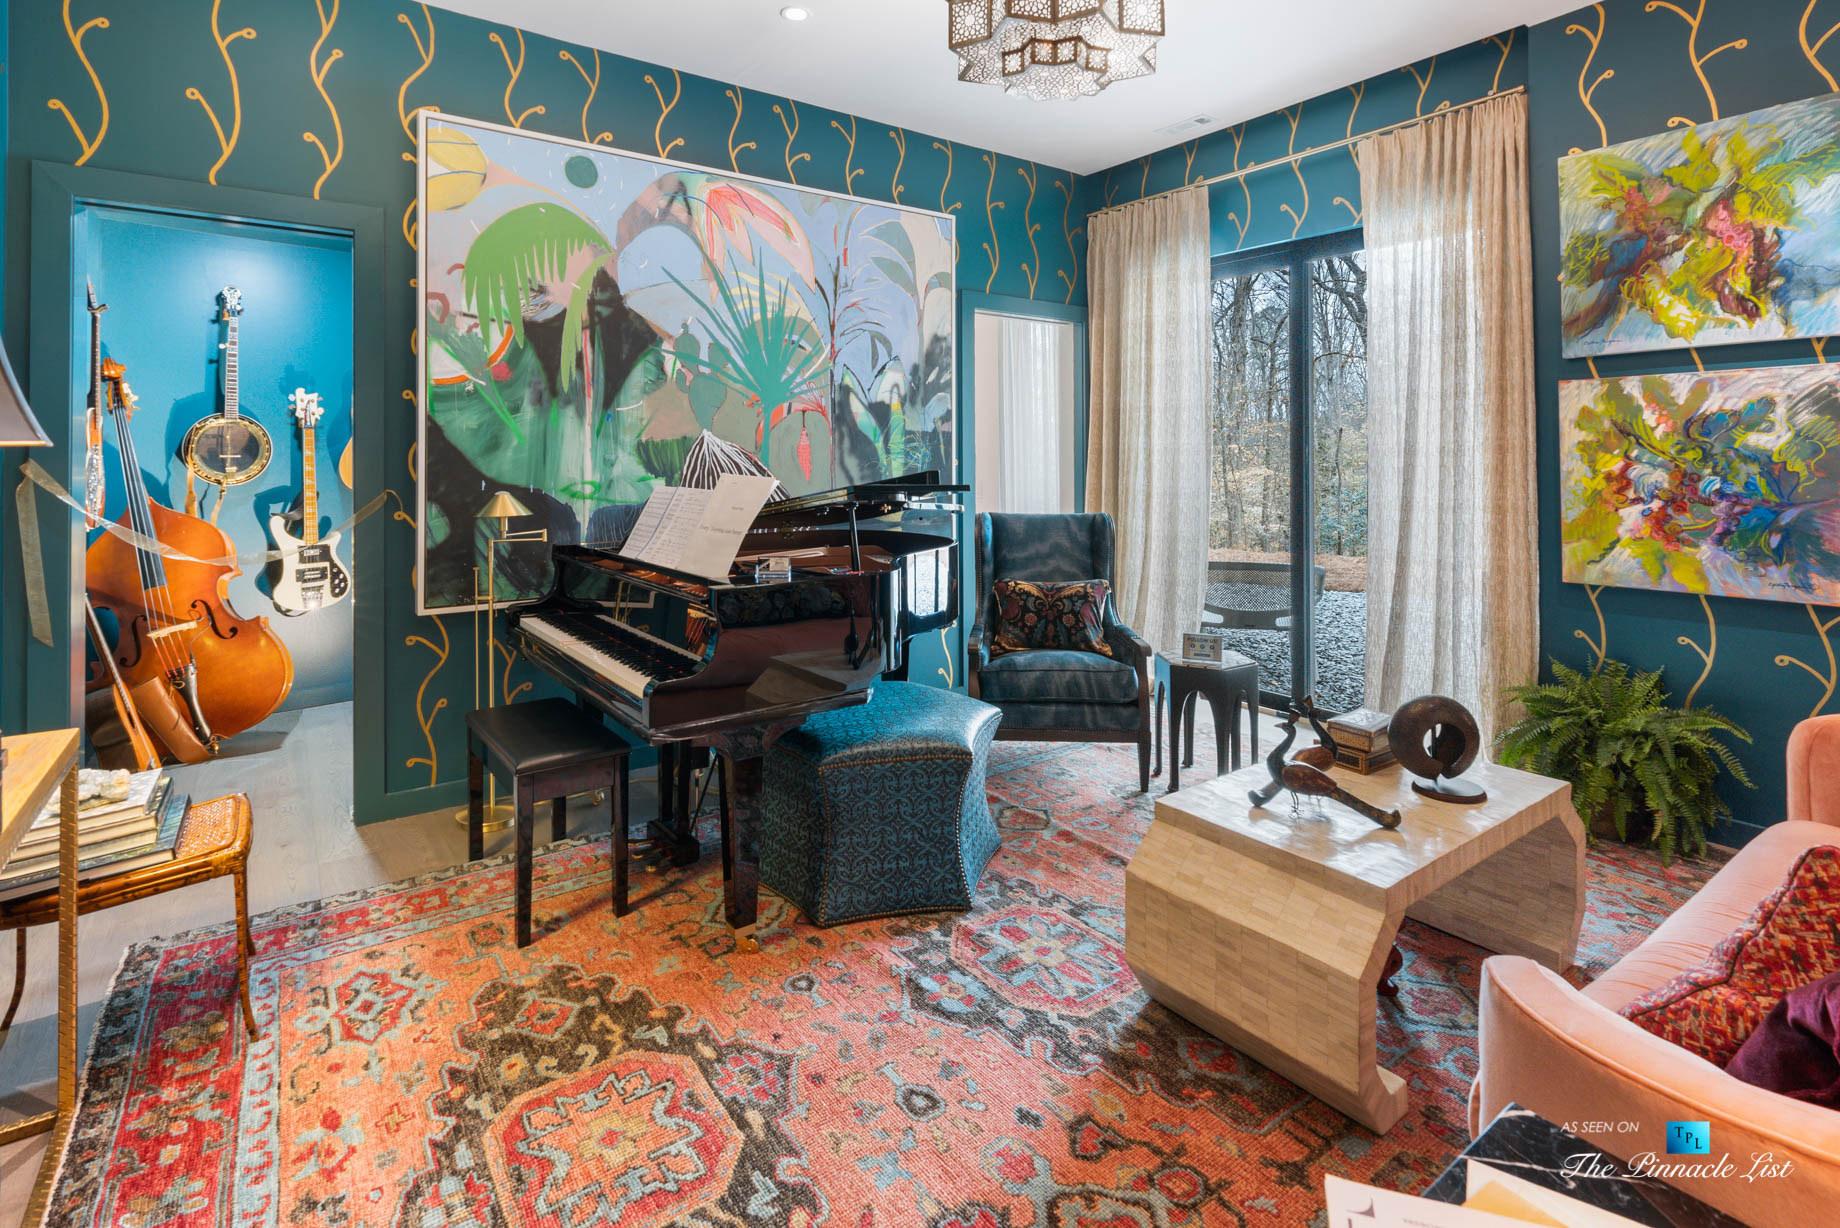 Symphony Orchestra Designer Showhouse – Atlanta, GA, USA